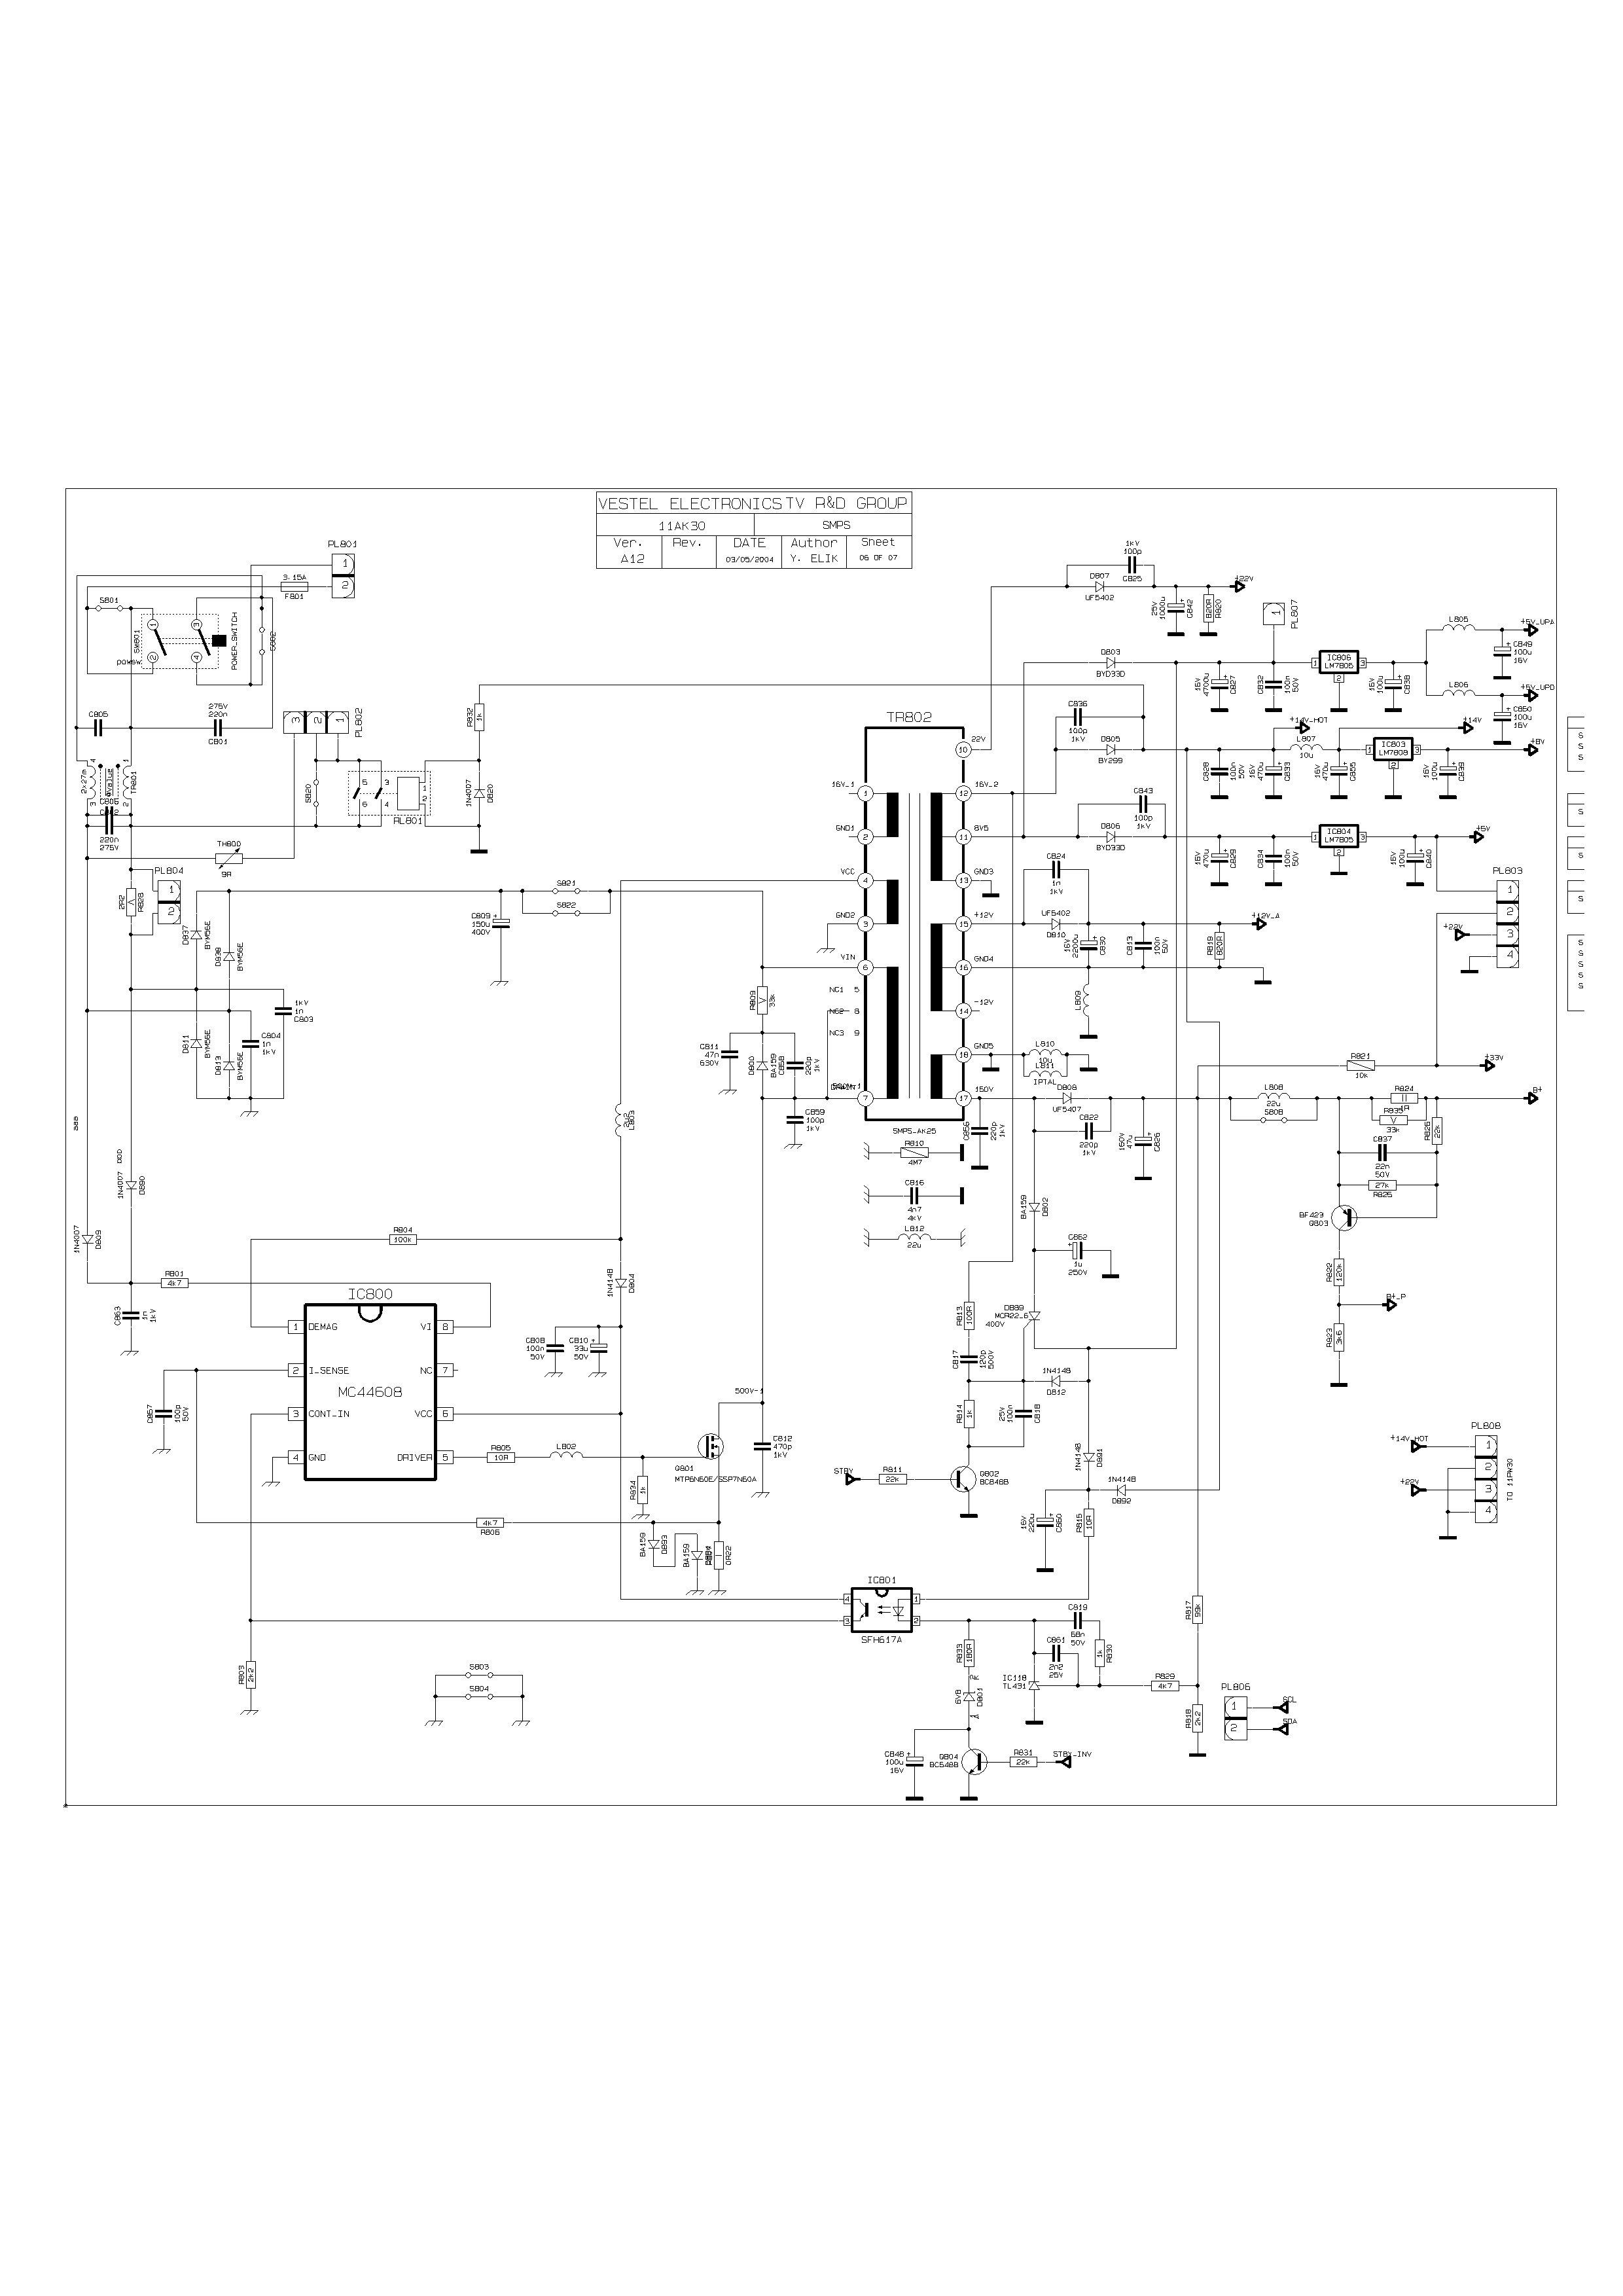 Схема тв rainford шасси 30a14-204247